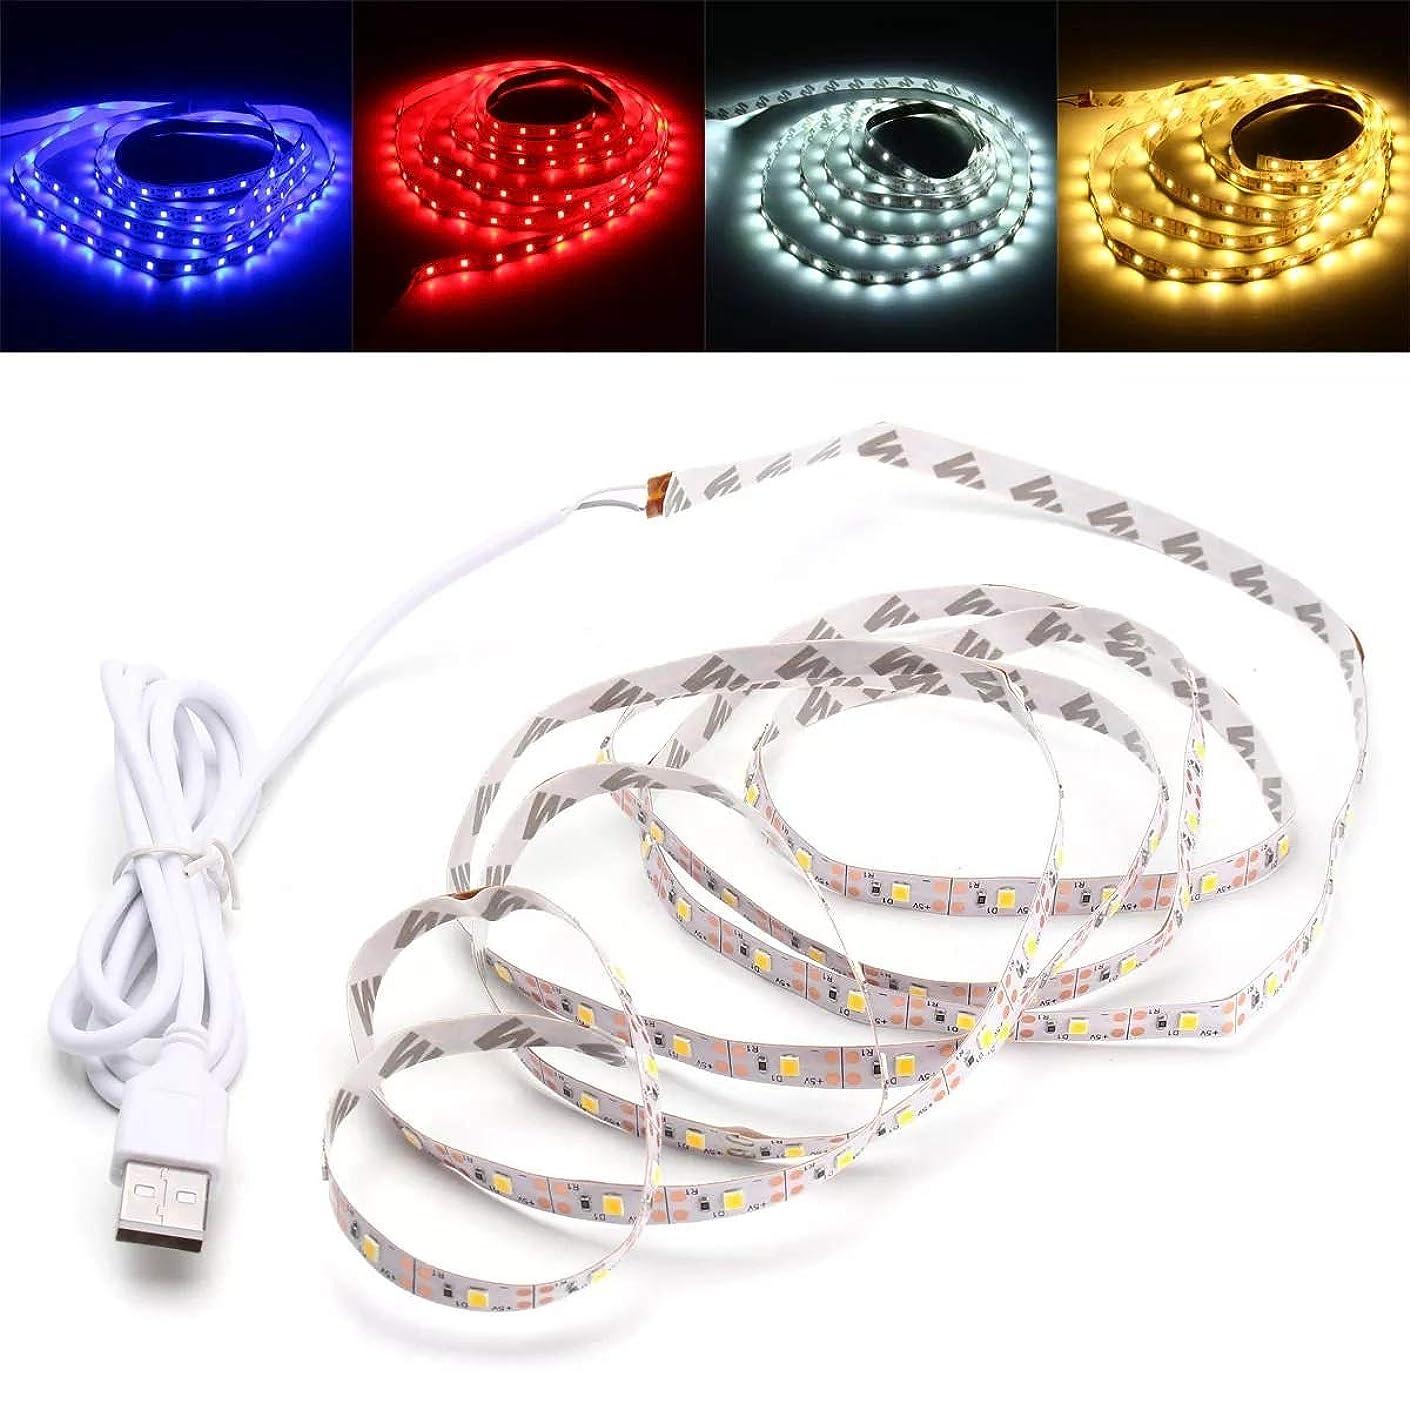 びんミニチュア鈍いLEDリボン USBはデコレーション2M SMD2835 DC 5Vの場合はストリップライトテレビPCの背景のバックライトをLED (色 : Blue)